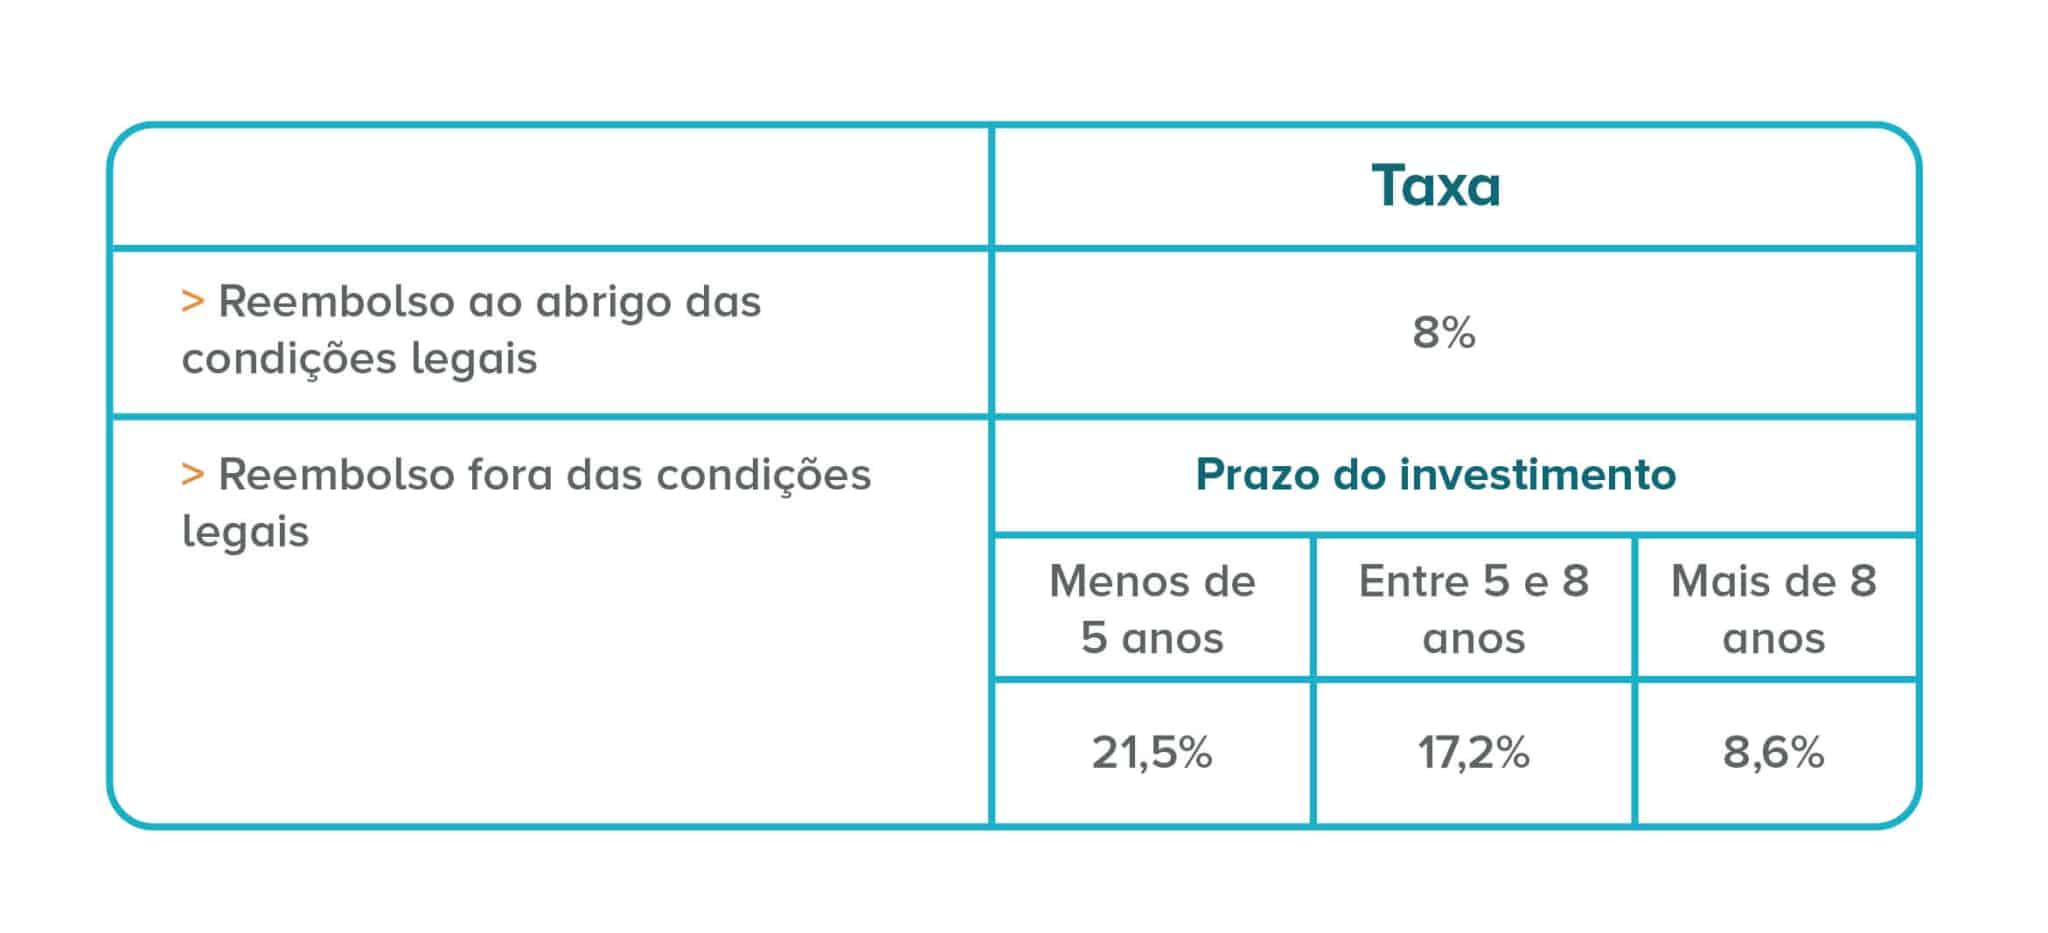 Tabela indicativa sobre os impostos que incidem sobre os rendimentos dos PPR